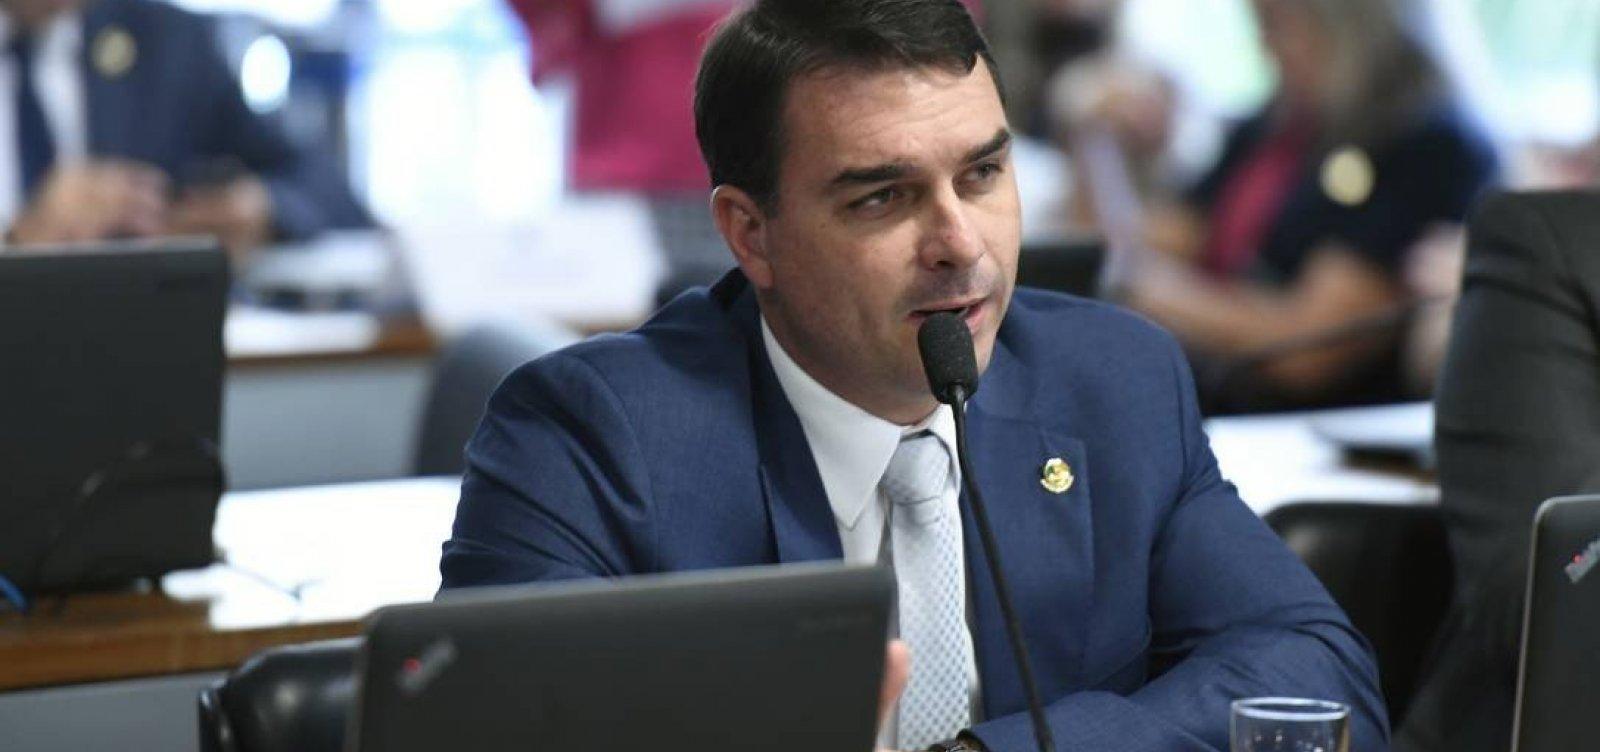 Assessor de Flávio Bolsonaro depositou R$ 90 mil na conta da mãe, que não lembra da transação